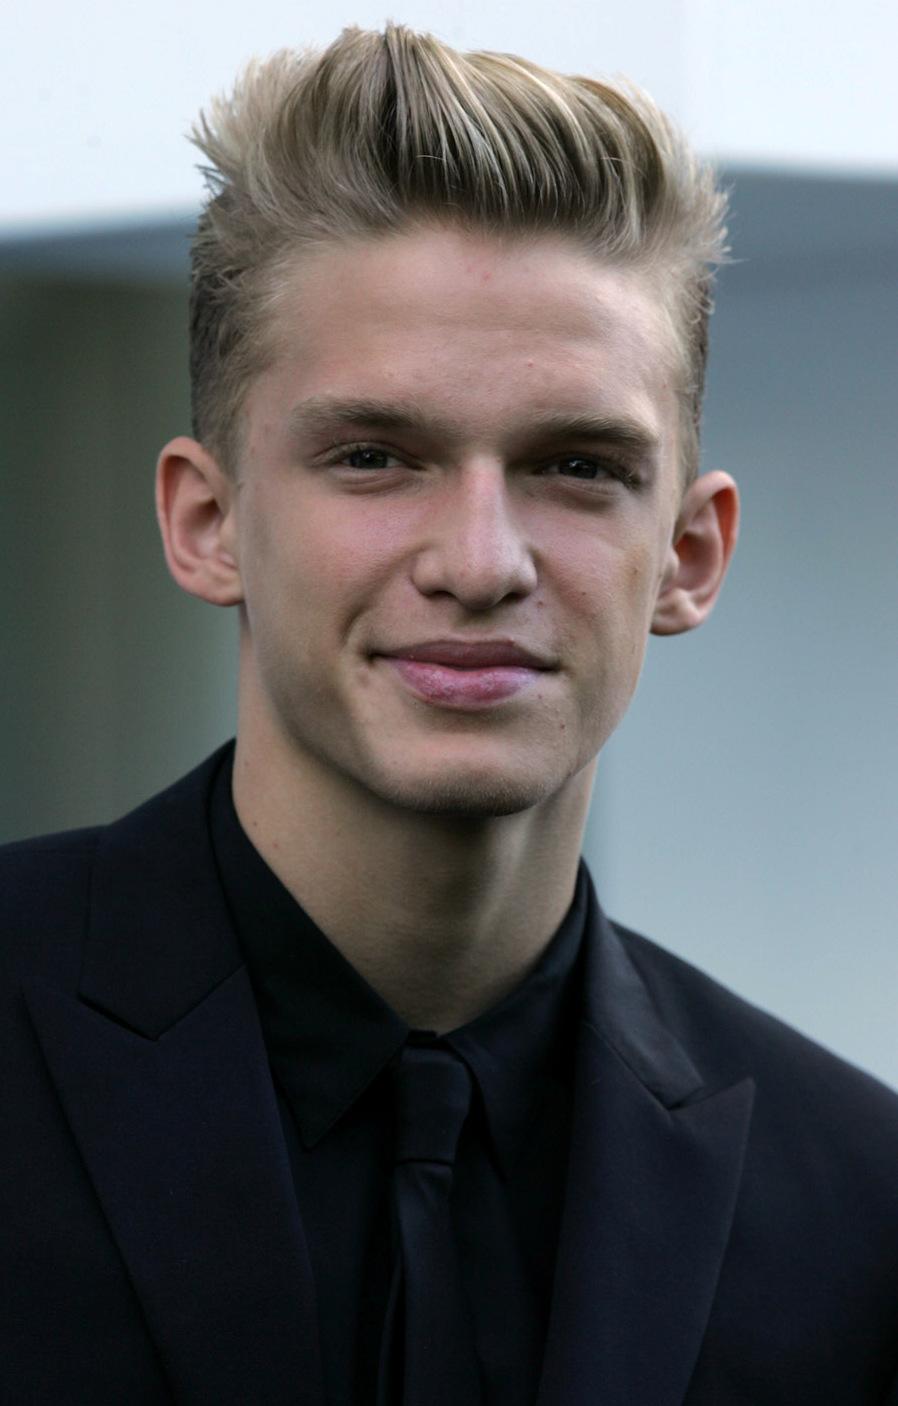 1ce9e4fa3dc Cody Simpson - Wikipedia